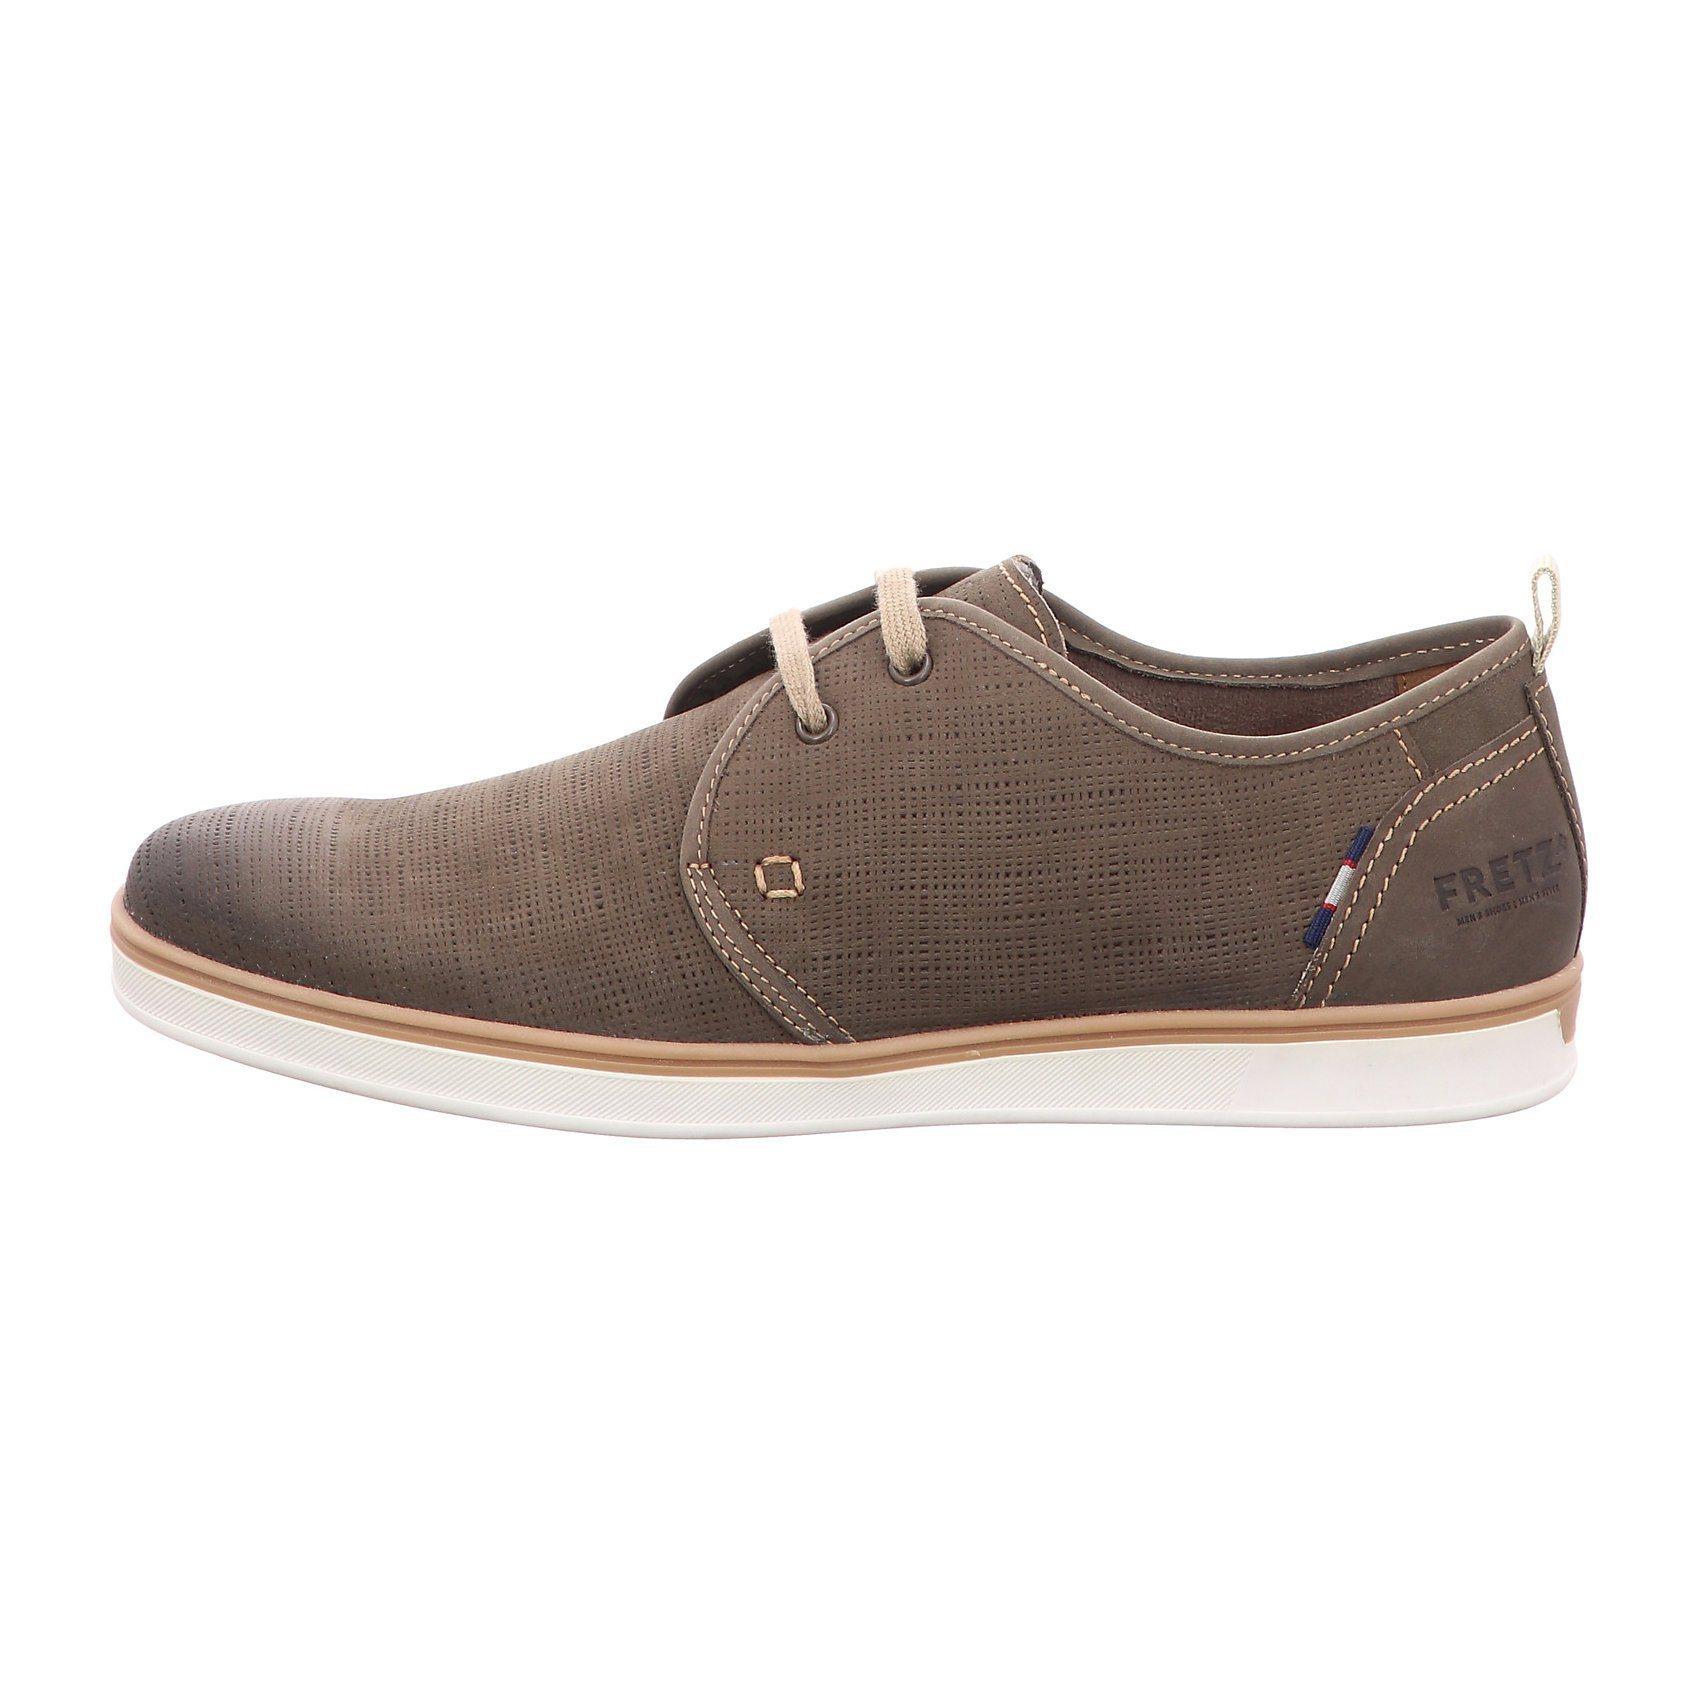 braune Leder Derby Schuhe von FRETZ men